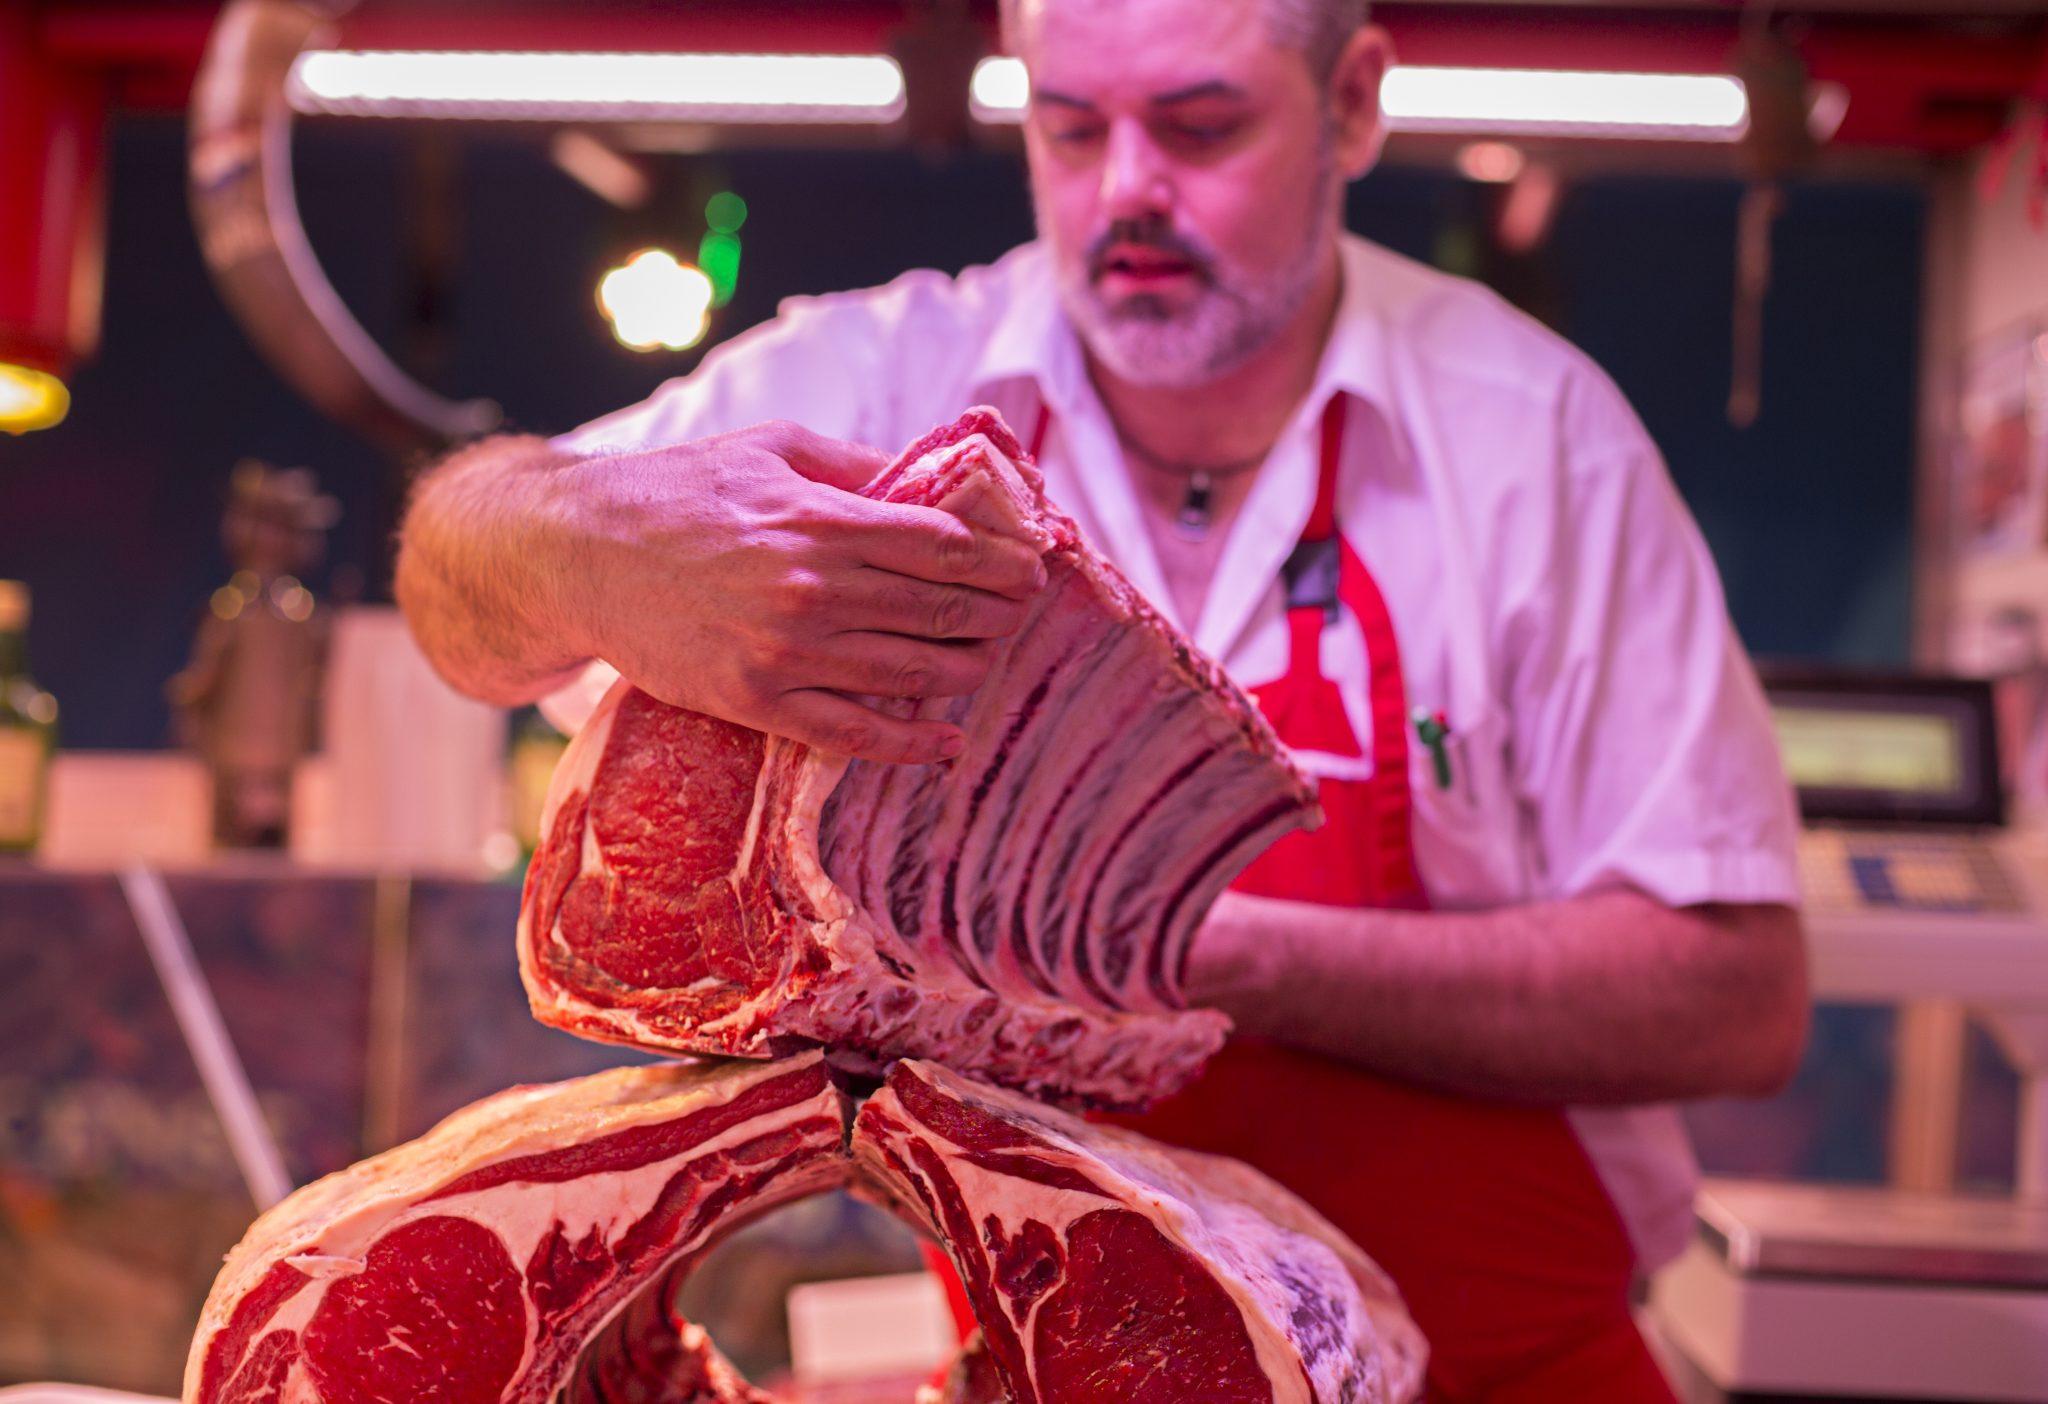 6 claves para comprar carne de calidad casa gutier - Carniceria en madrid ...